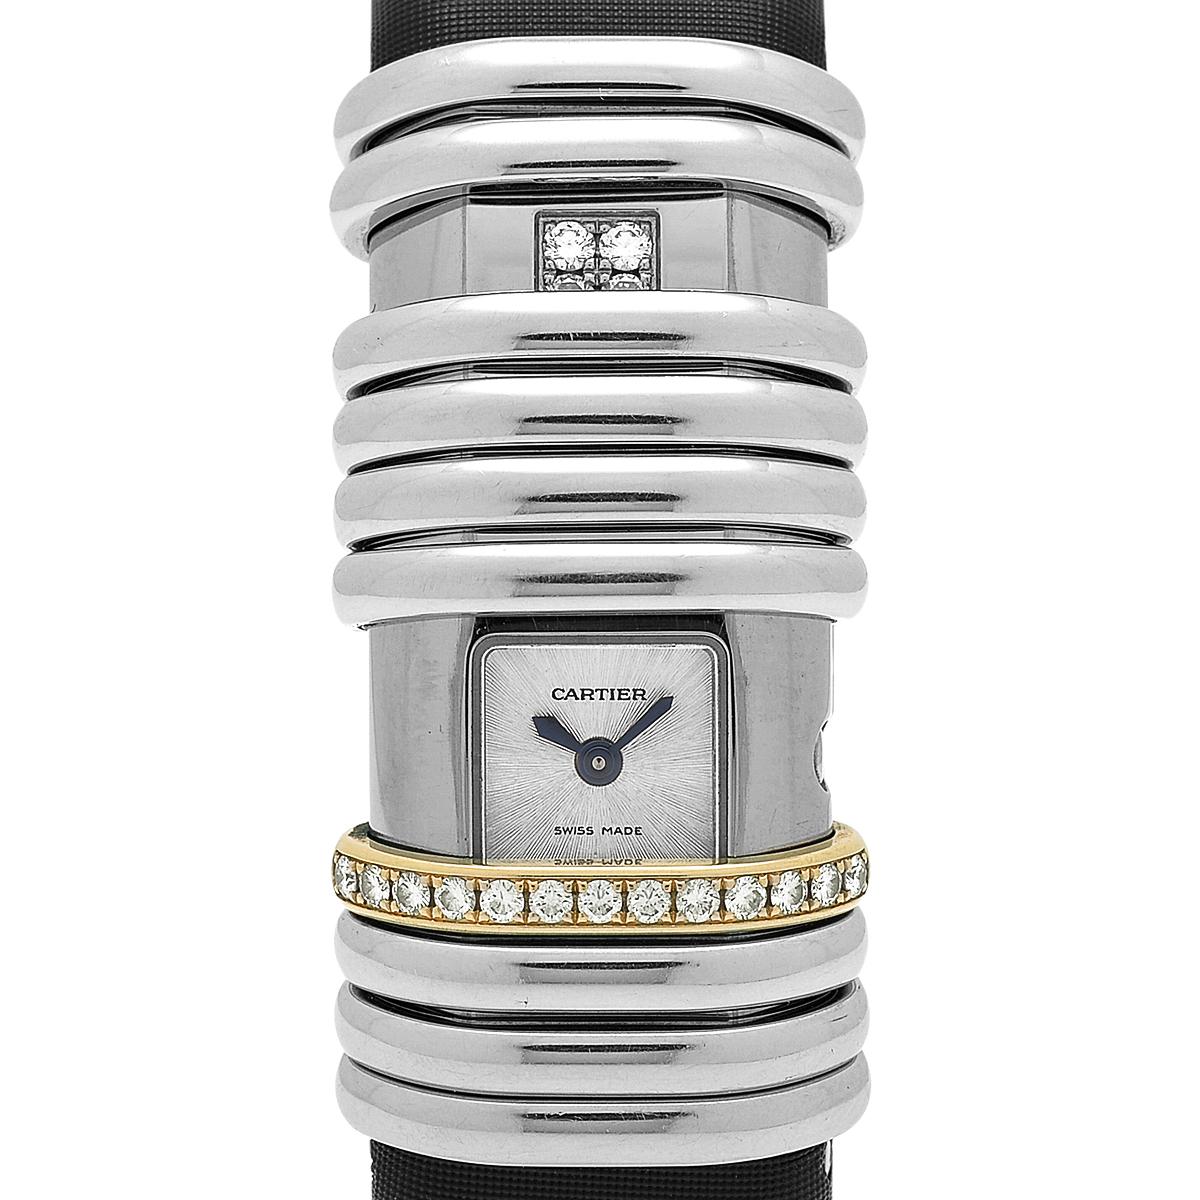 カルティエ CARTIER デクラレーション WT000830 腕時計 SS PG クオーツ レディース 【中古】